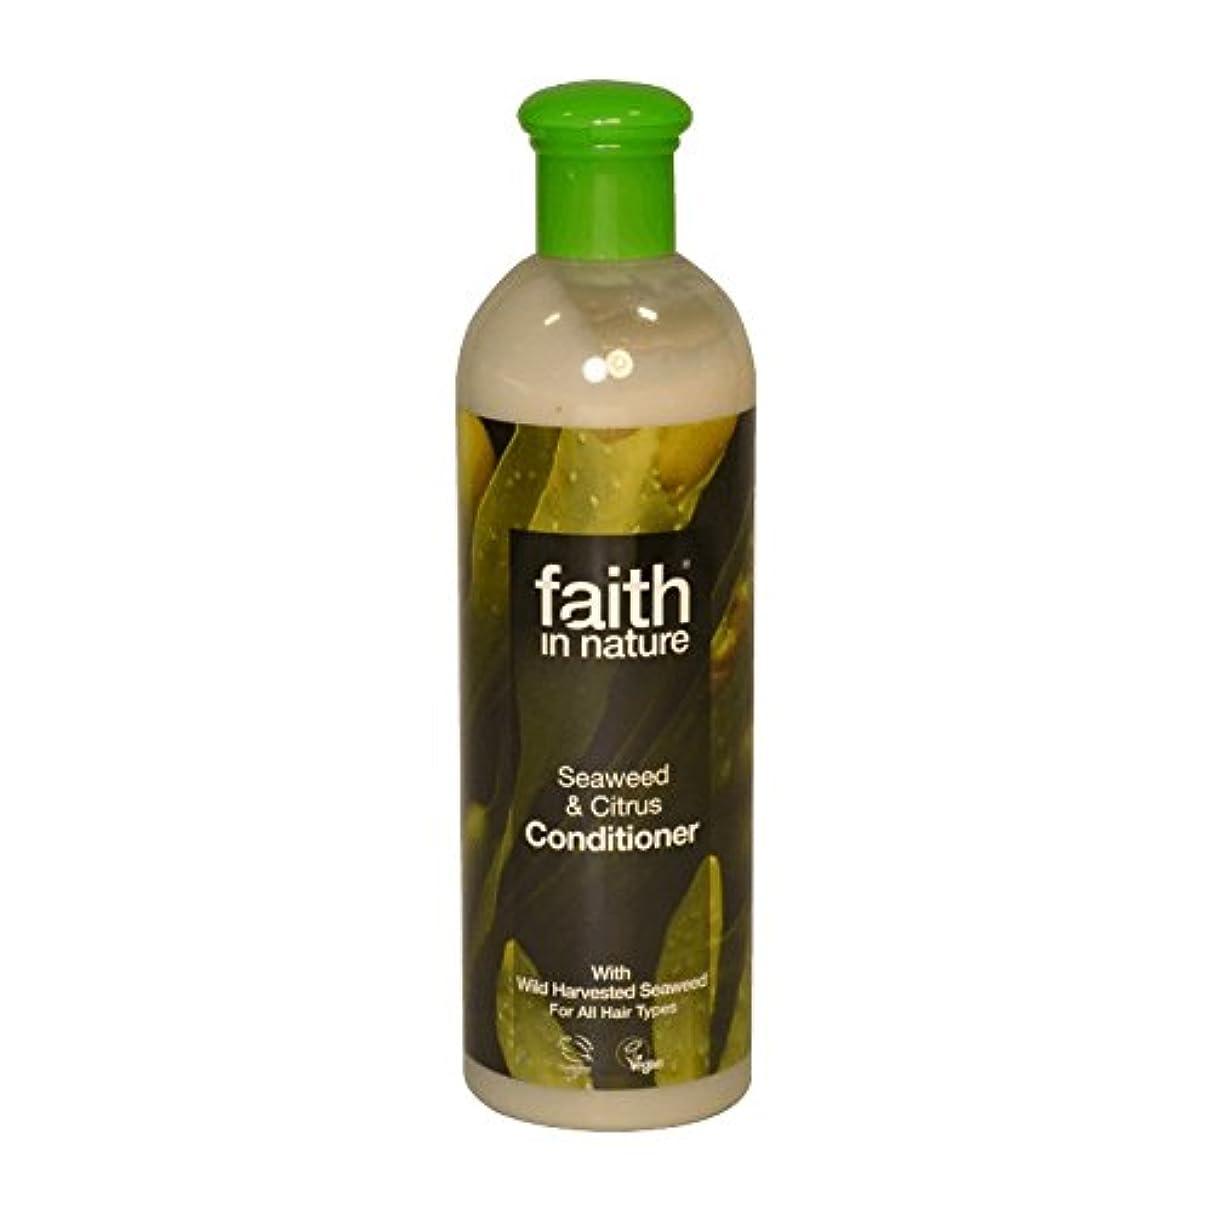 自然の海藻&シトラスコンディショナー400ミリリットルの信仰 - Faith in Nature Seaweed & Citrus Conditioner 400ml (Faith in Nature) [並行輸入品]